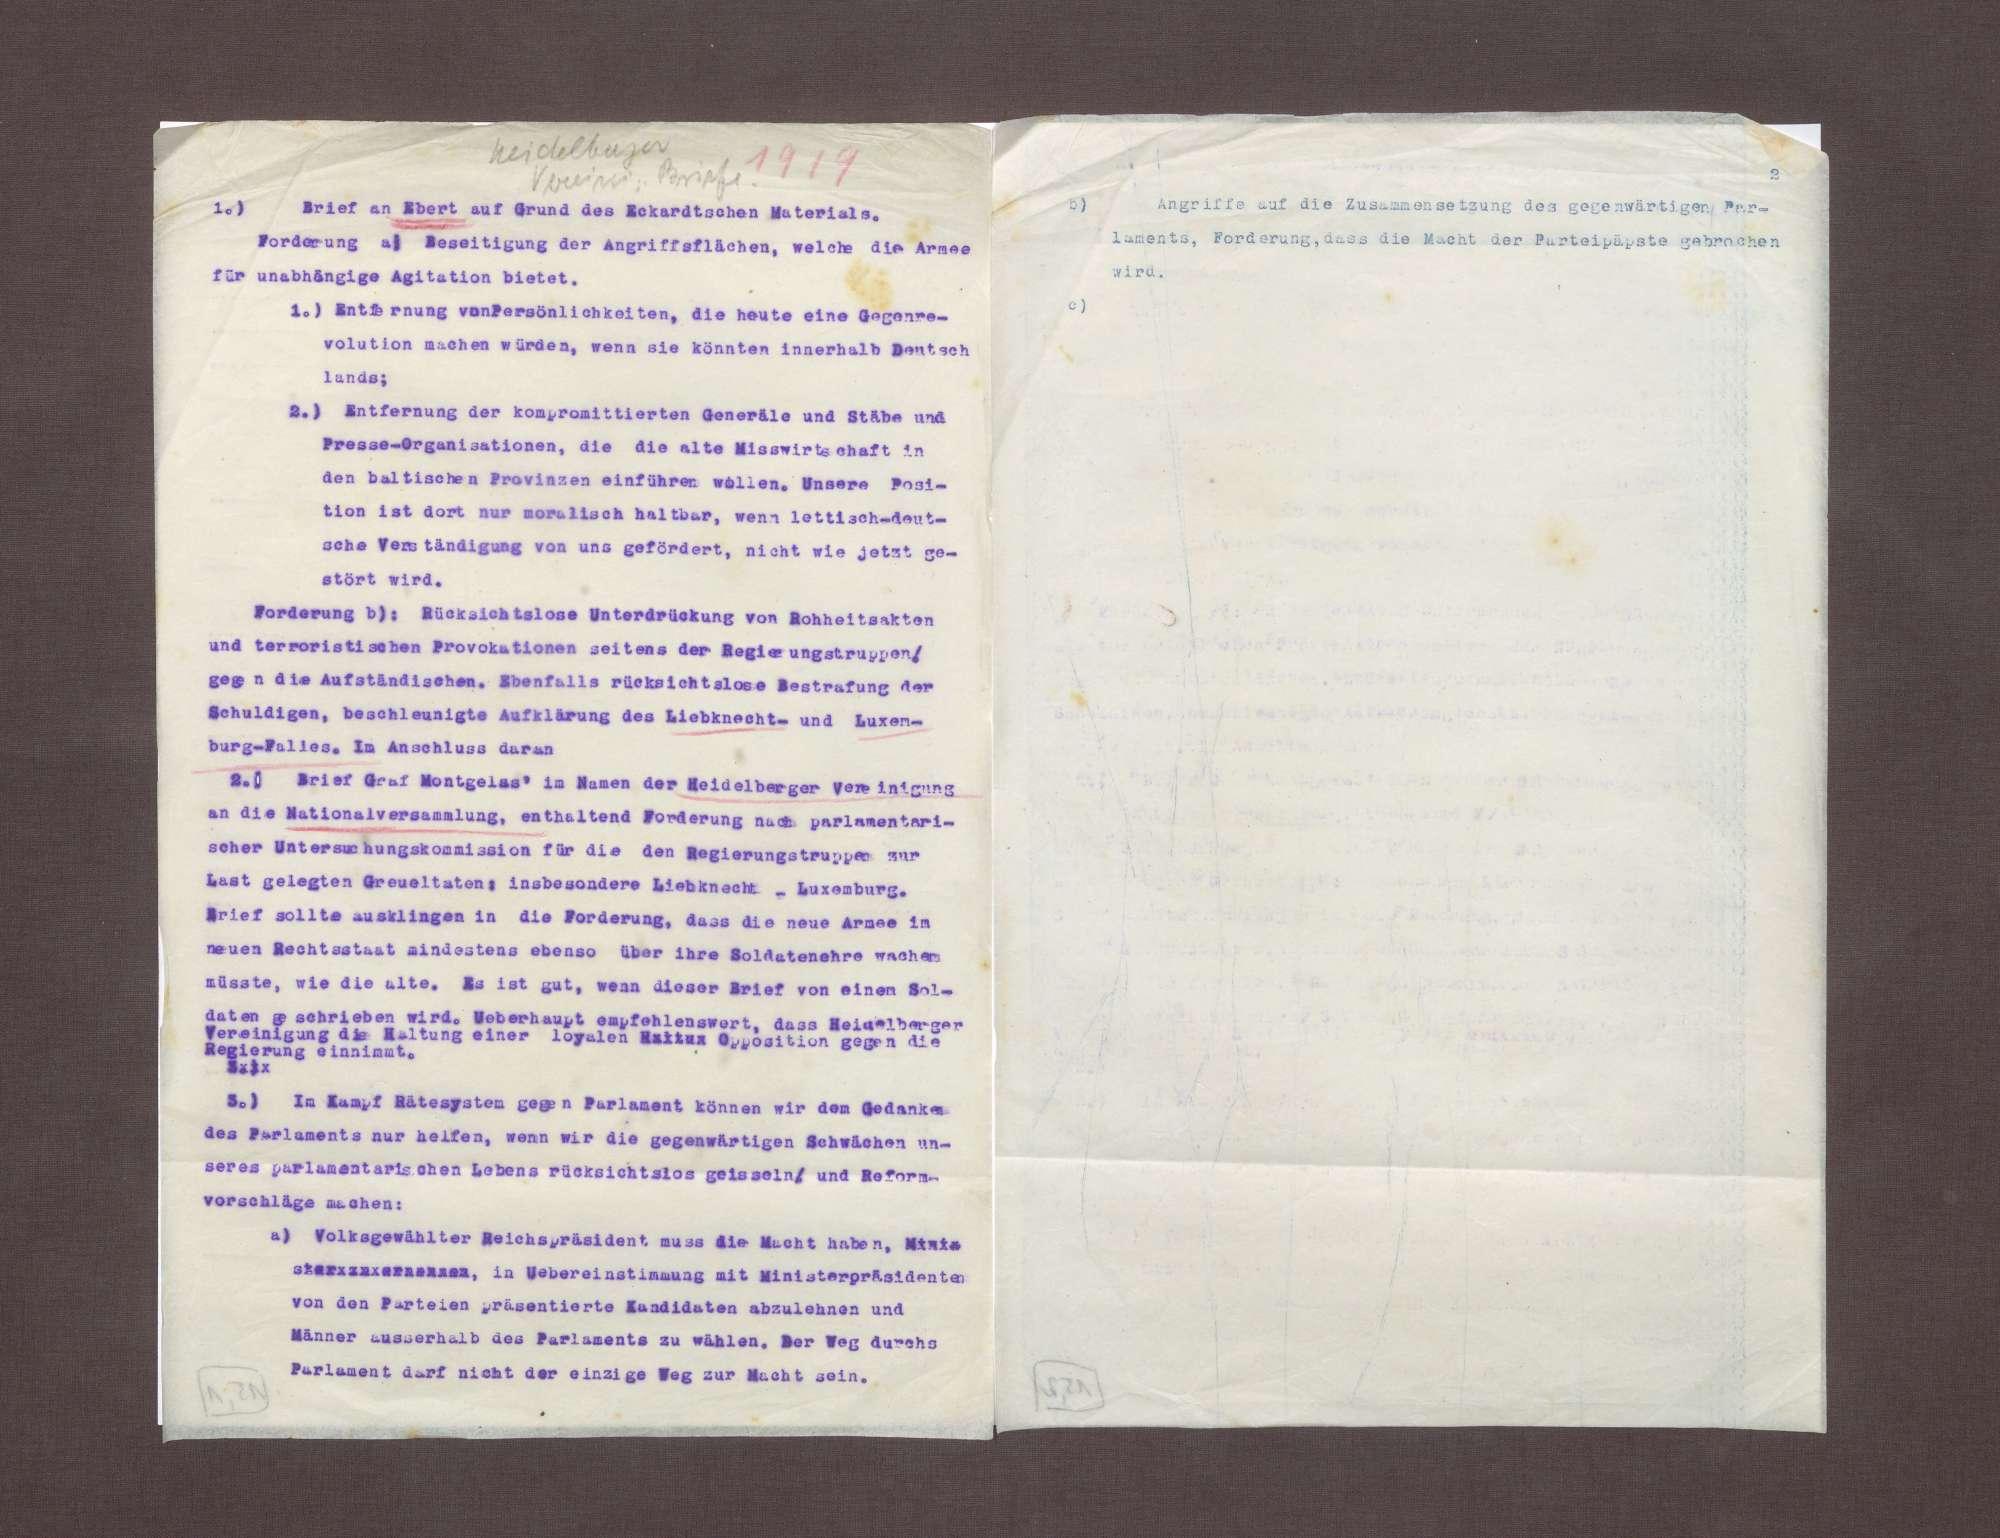 Brief an Friedrich Ebert mit spezifischen Forderungen der Heidelberger Vereinigung, die durch das Eckartsche Material erhoben wurden, Bild 1